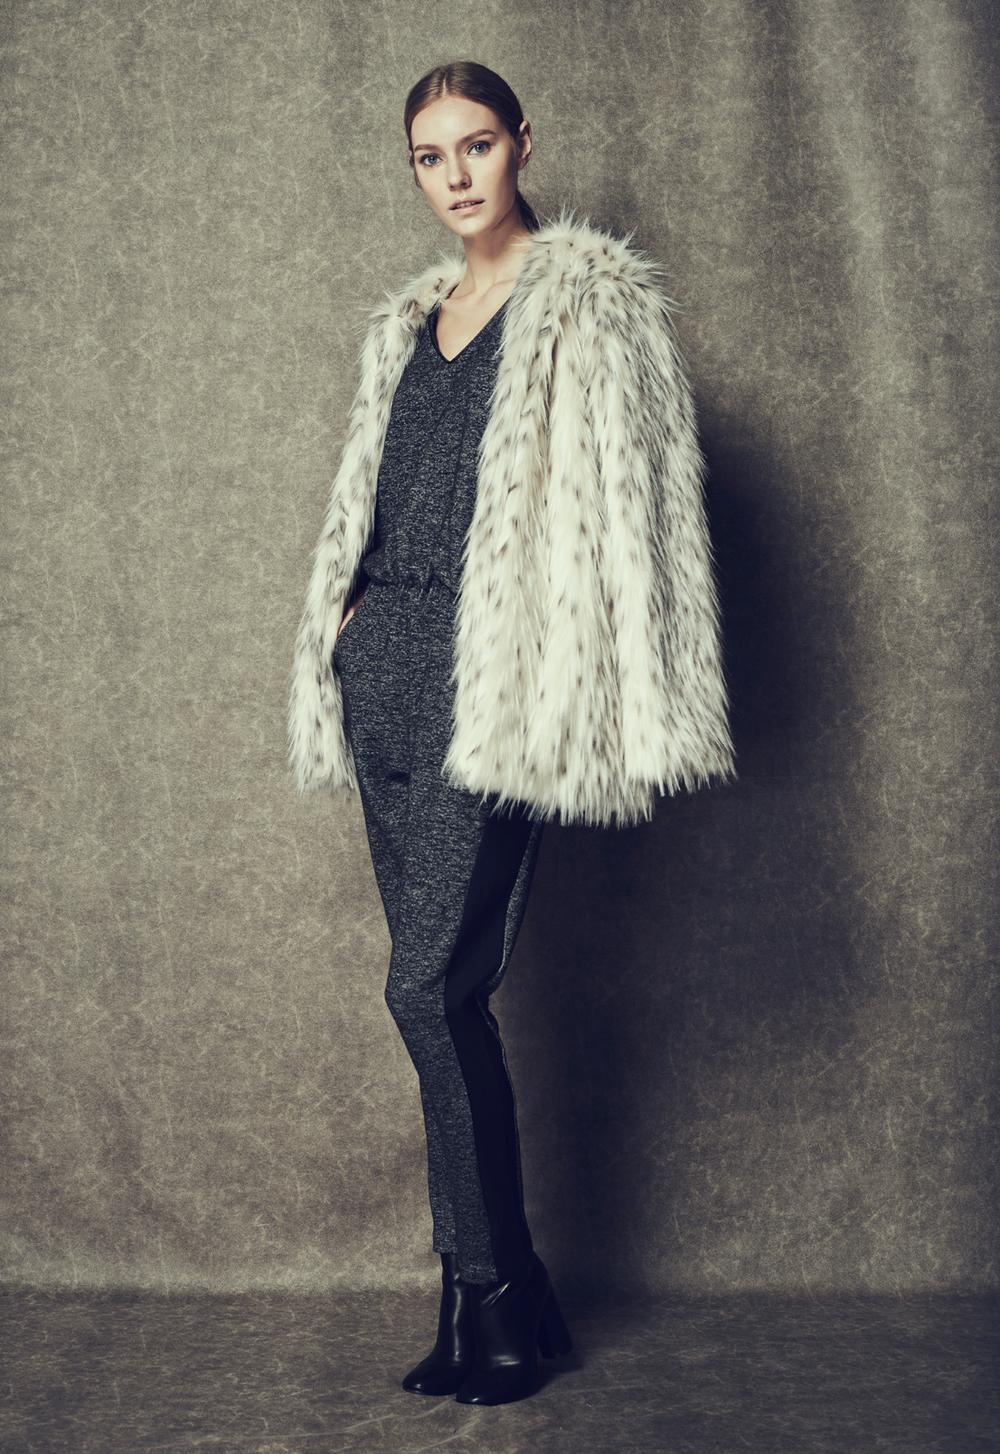 Dalmatian Fur Coat & Mottled Knit Jumpsuit